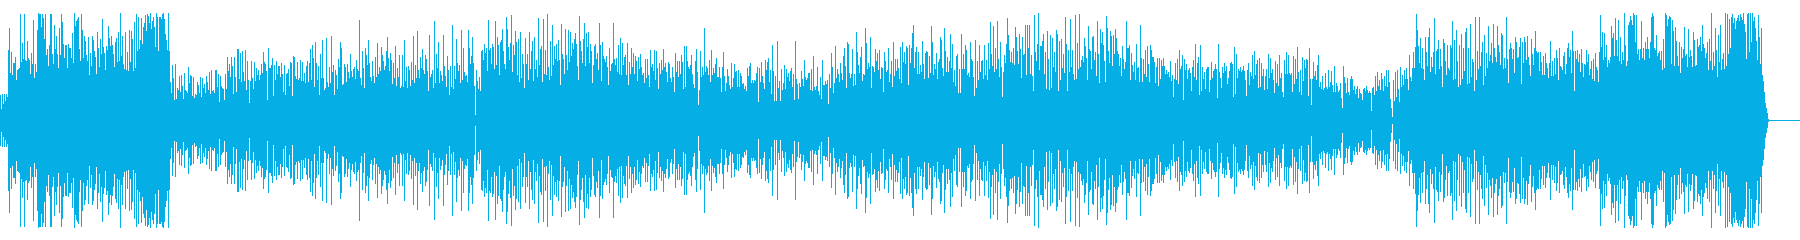 ピコピコ!テンポの速いノリノリインスト!の再生済みの波形